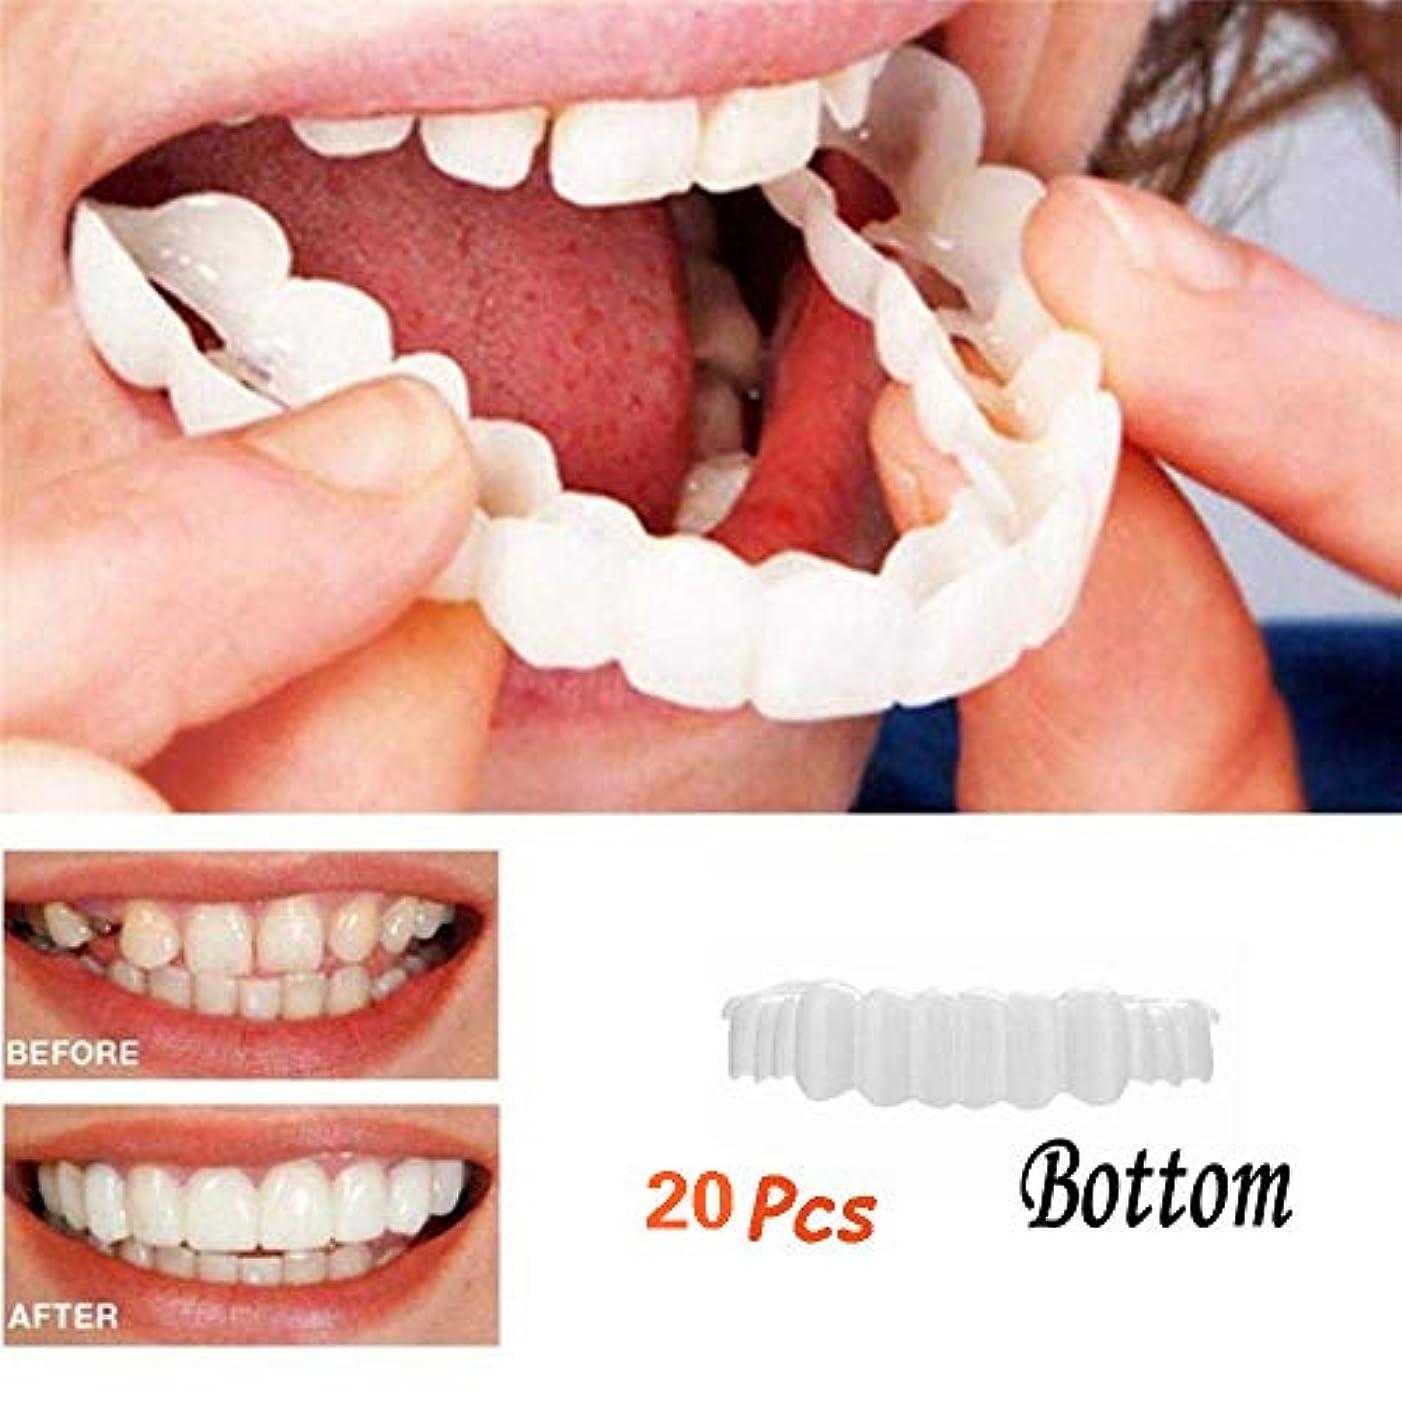 判読できない意義サービス20ピースボトム化粧品歯コンフォートフィットフレックス化粧品歯コーブ義歯歯のホワイトニングスナップオンインスタント笑顔サイズフィット